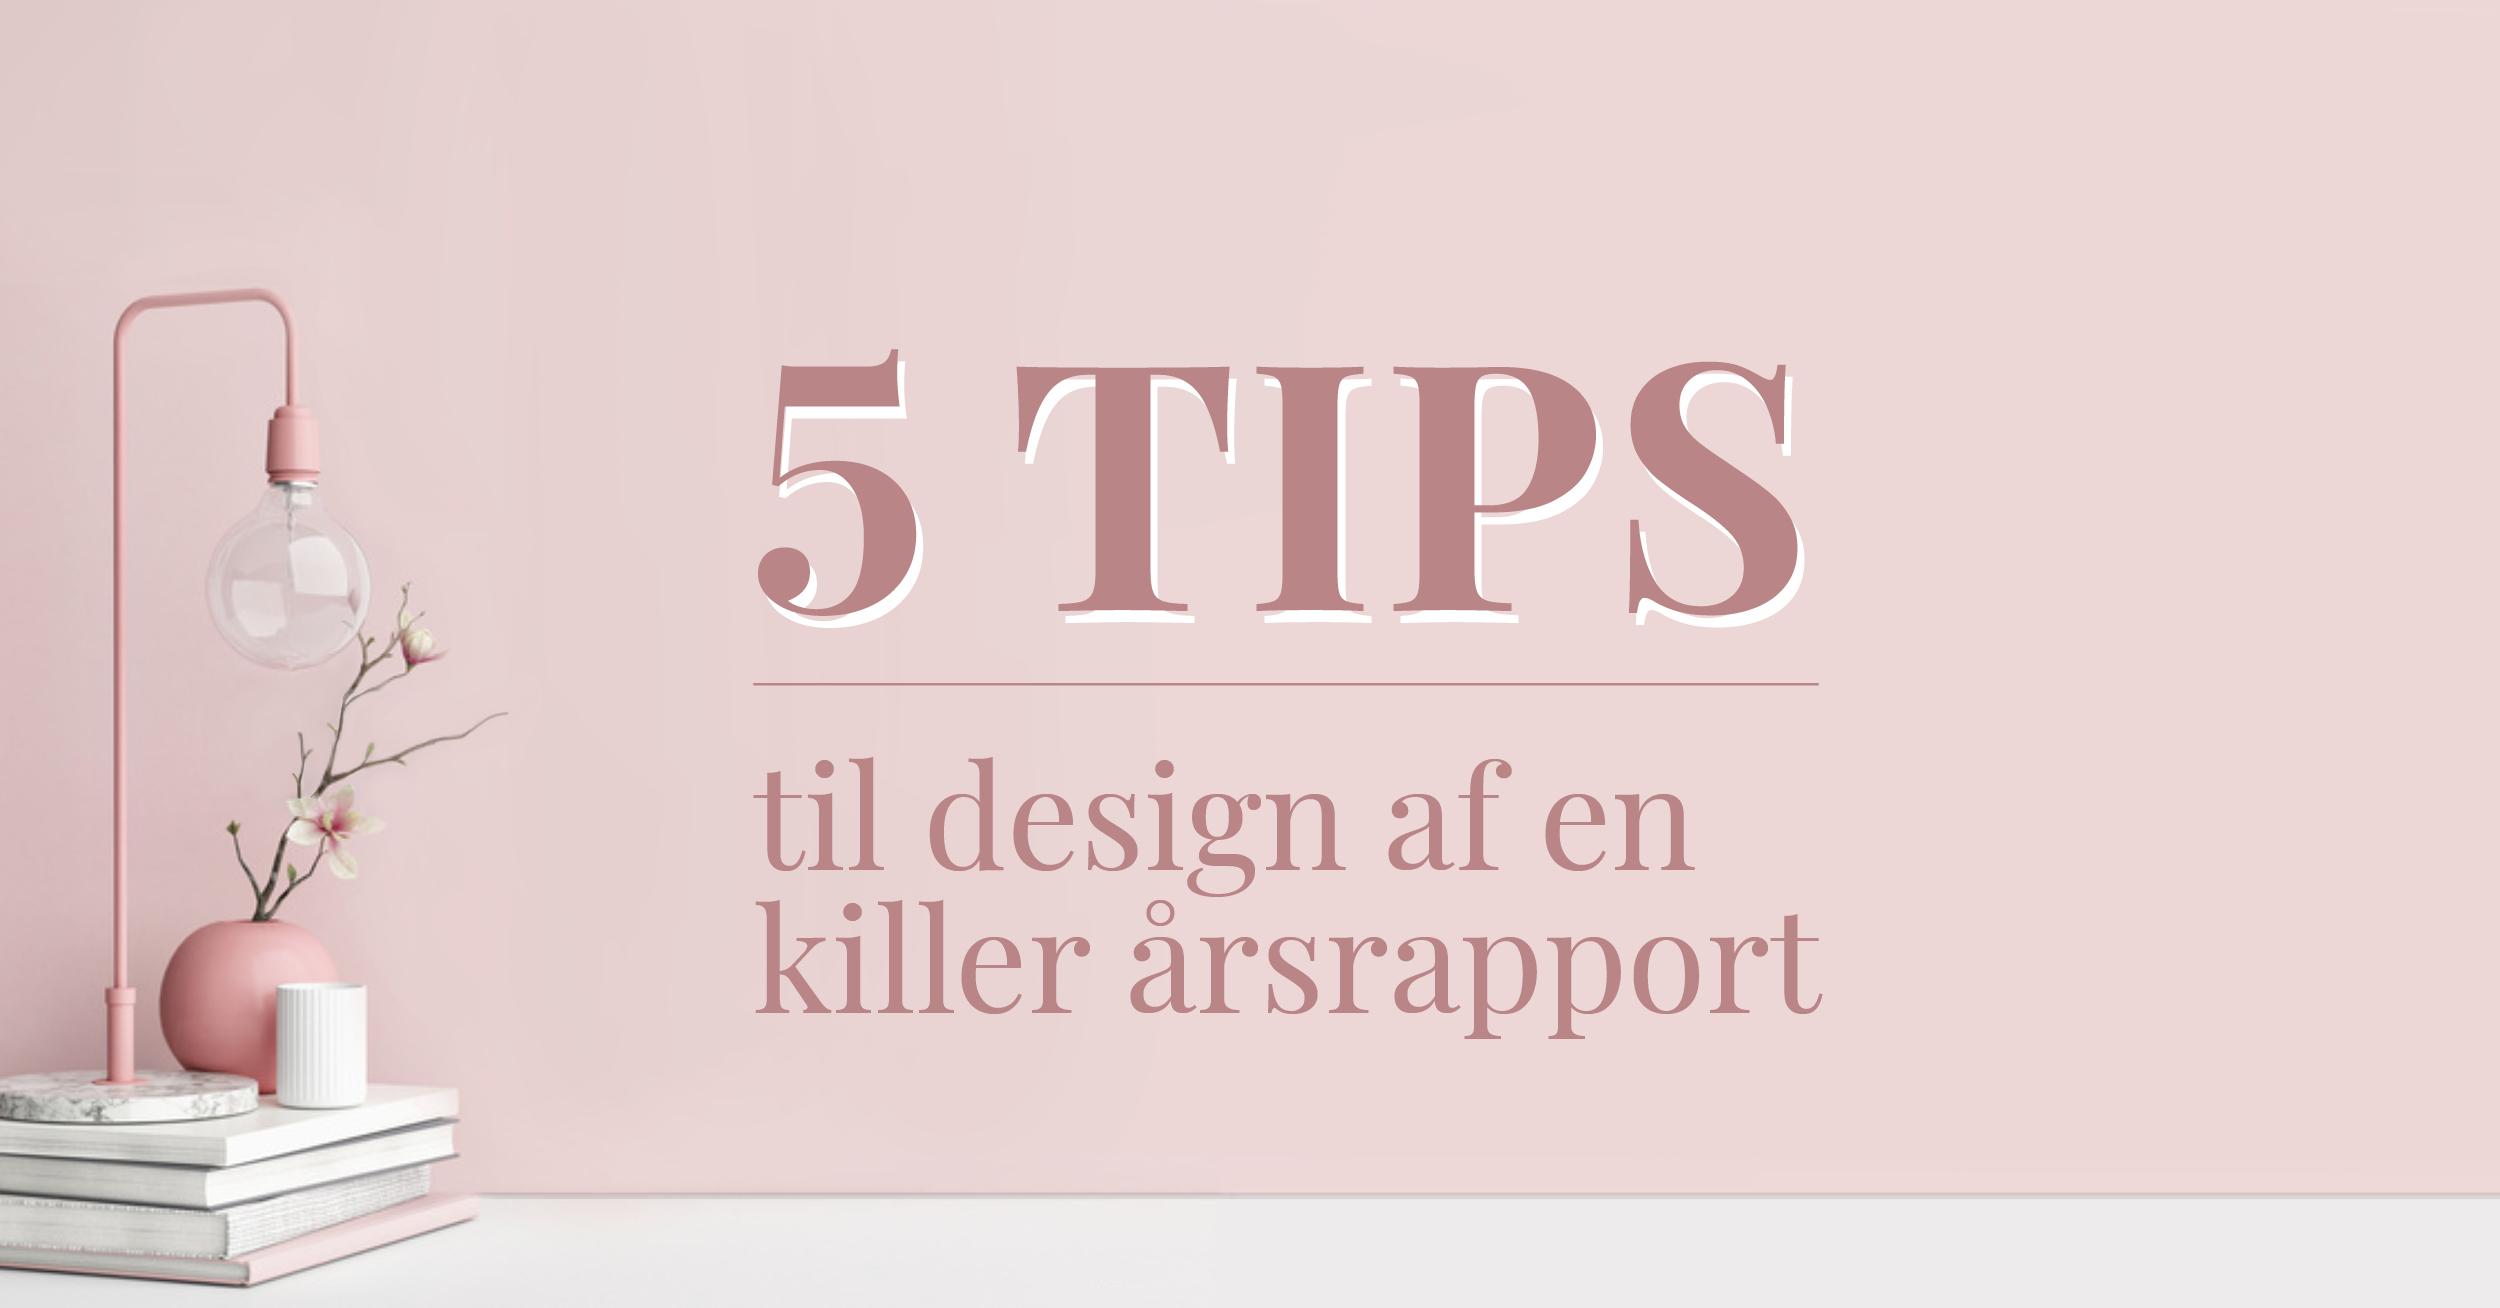 5 tips til design af en killer årsrapport